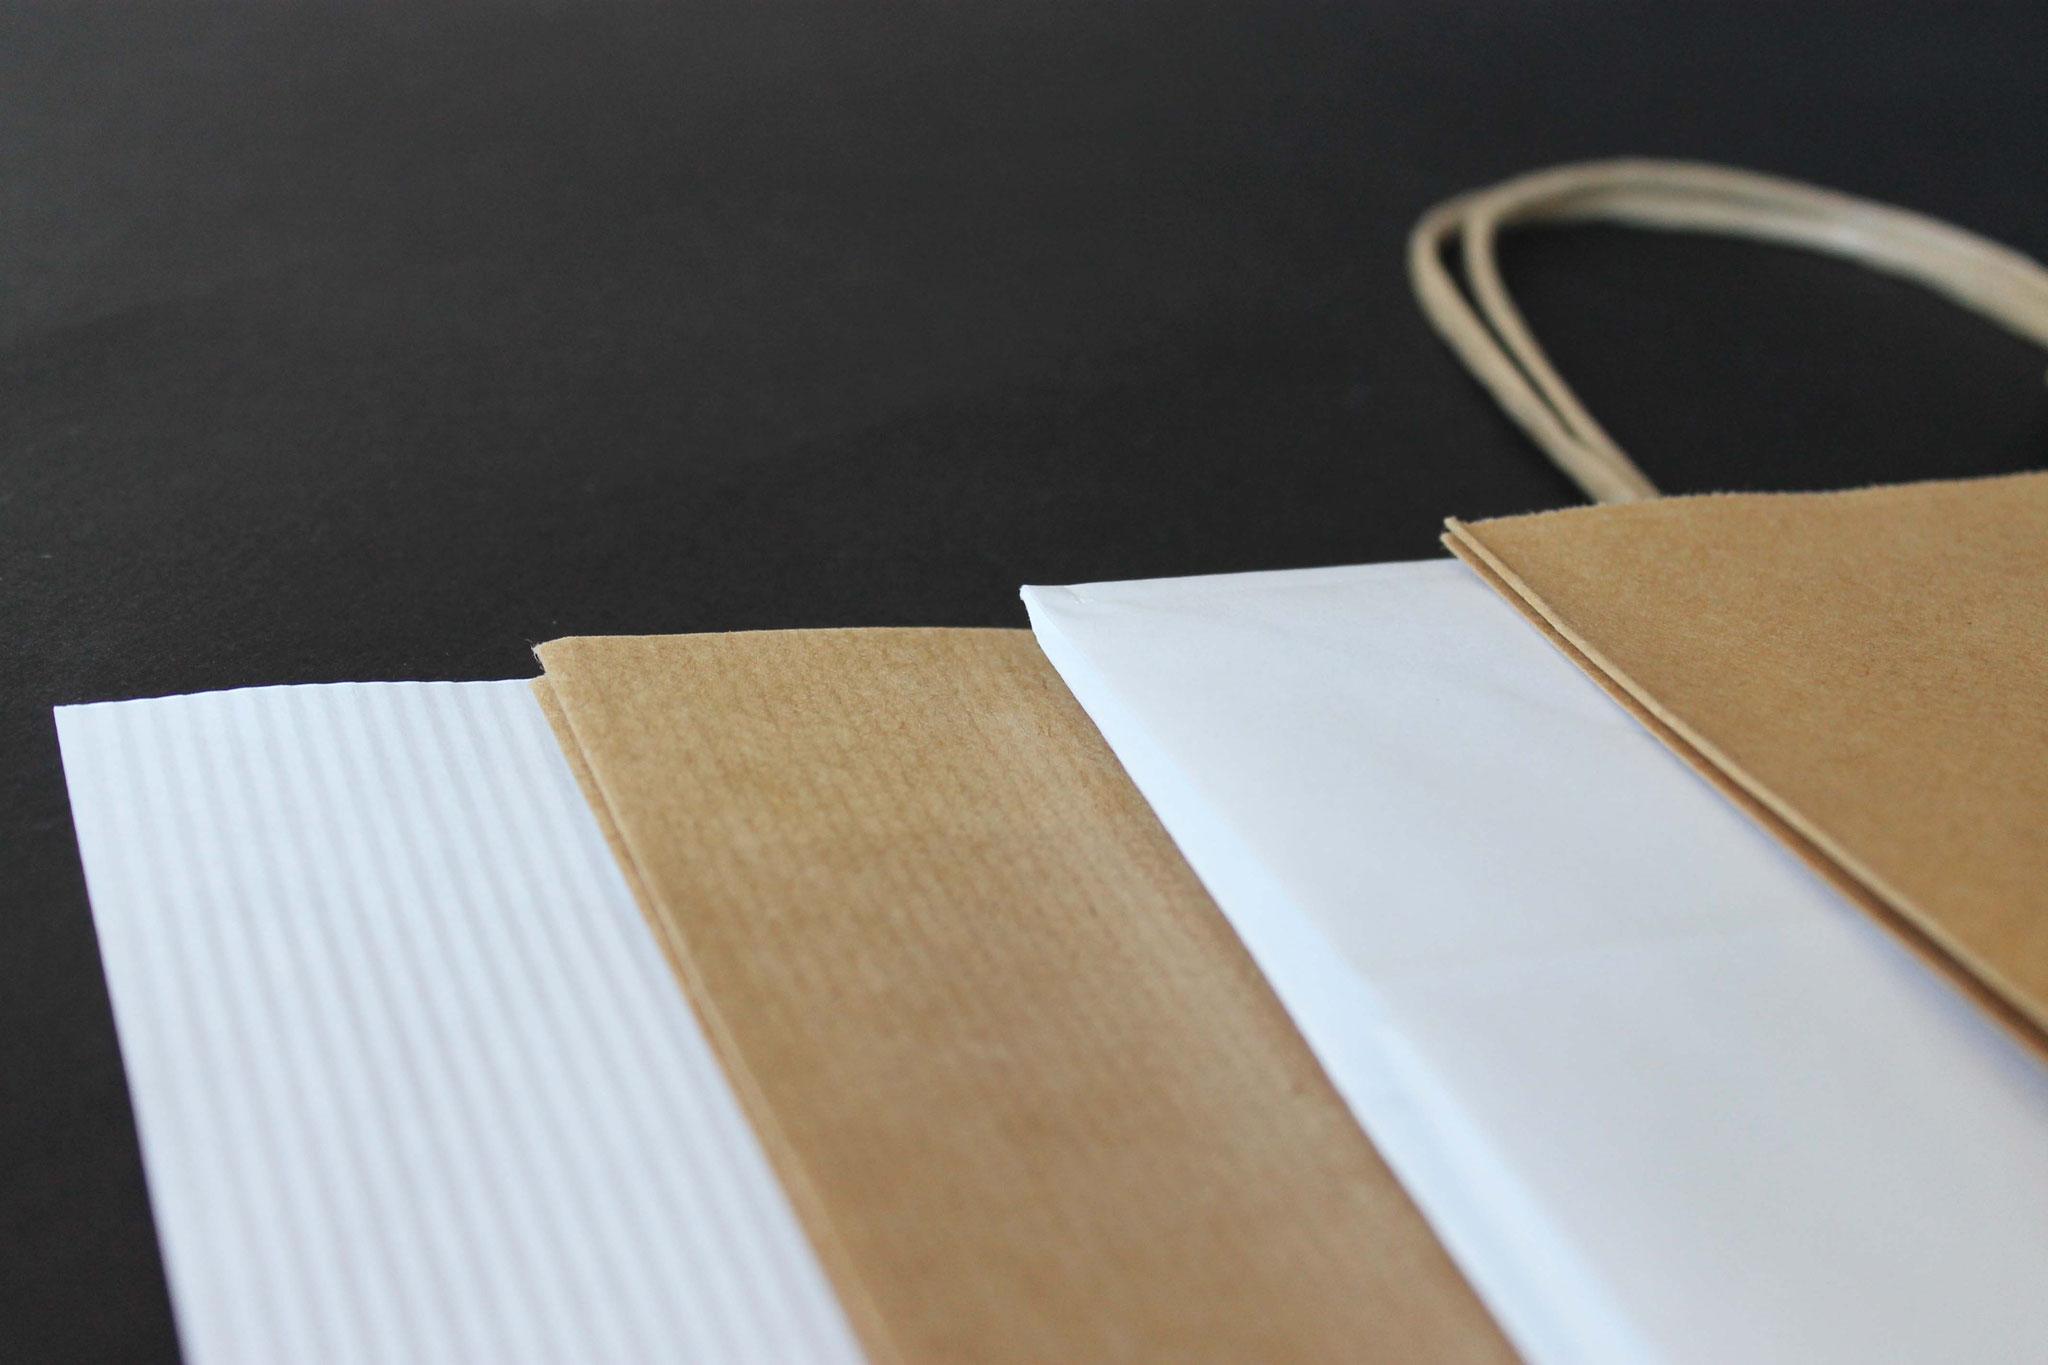 Papierqualitäten: Weiß und Braun, gerippt und glatt